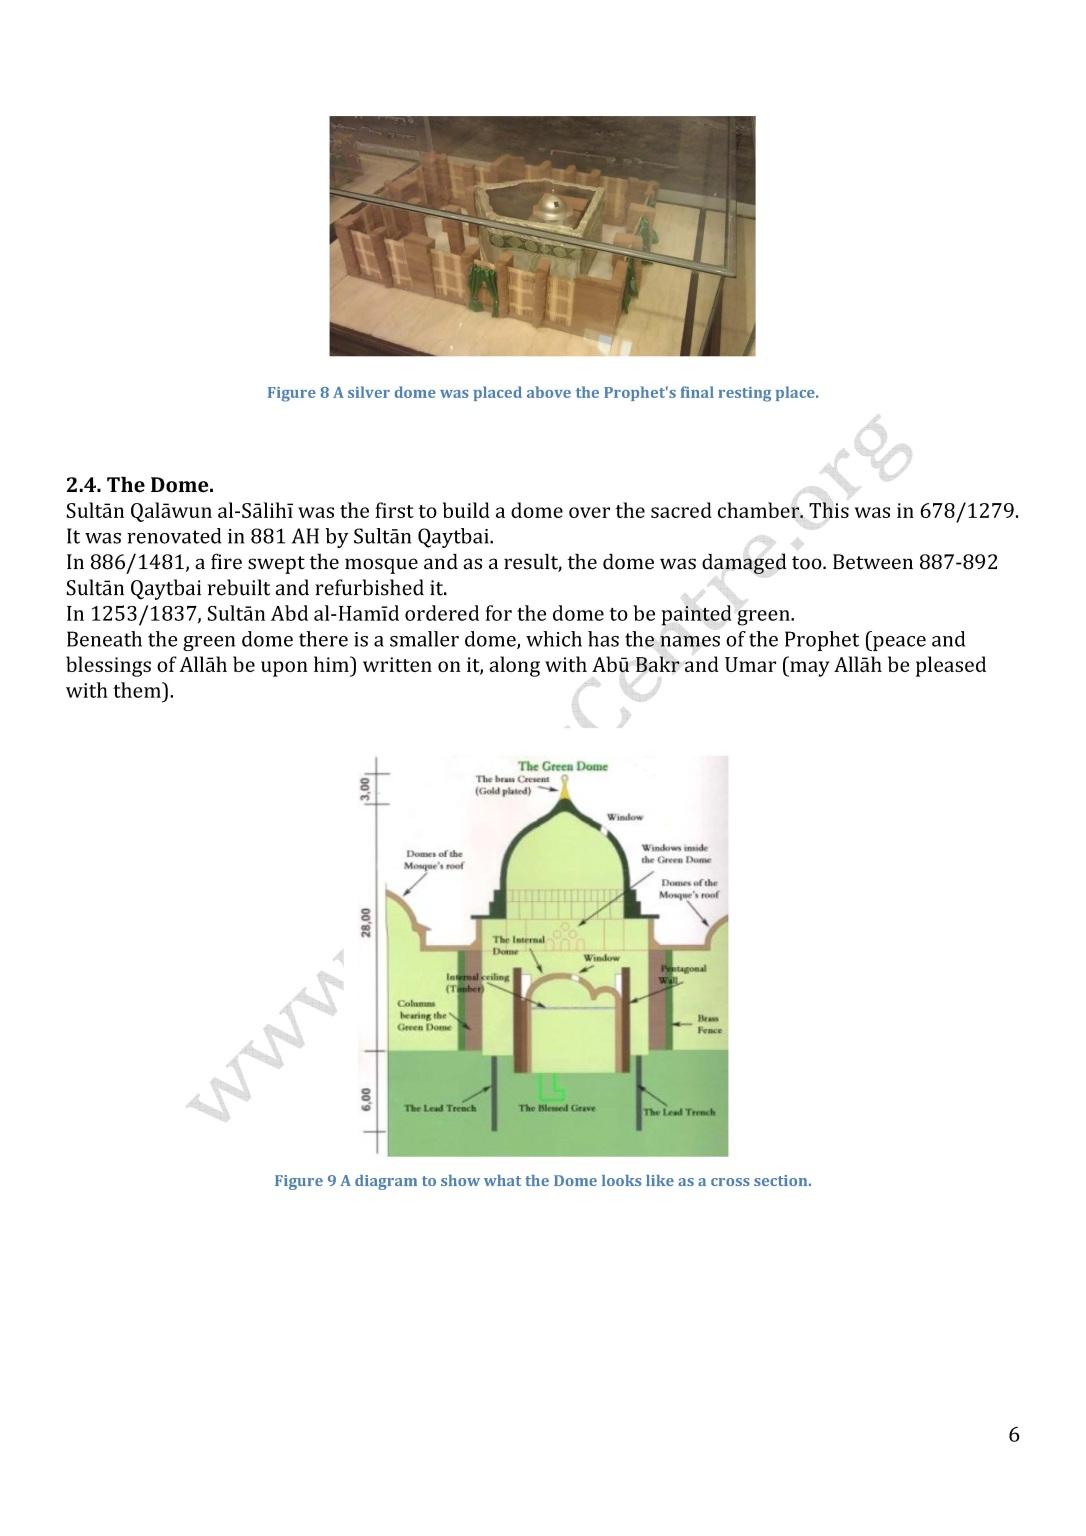 HistoryofMasjidNabawi_Page_06